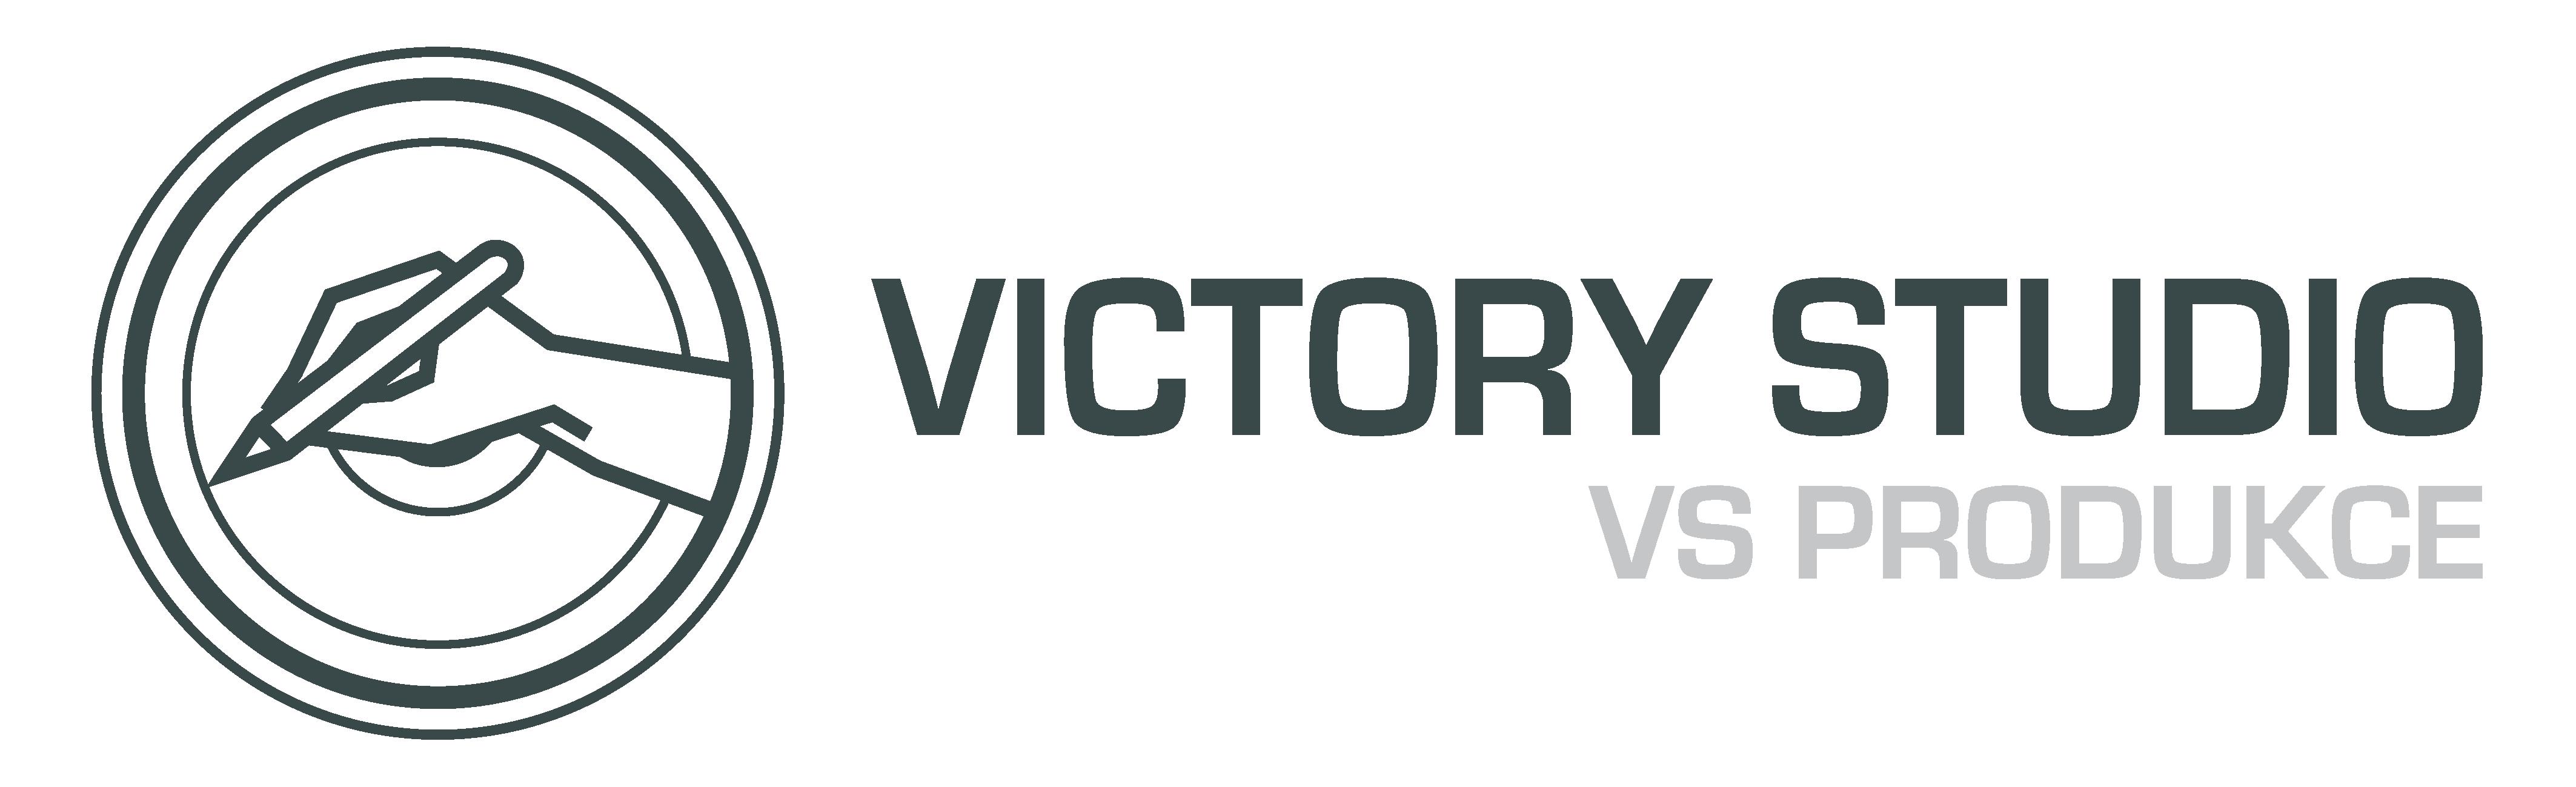 VICTORY STUDIO